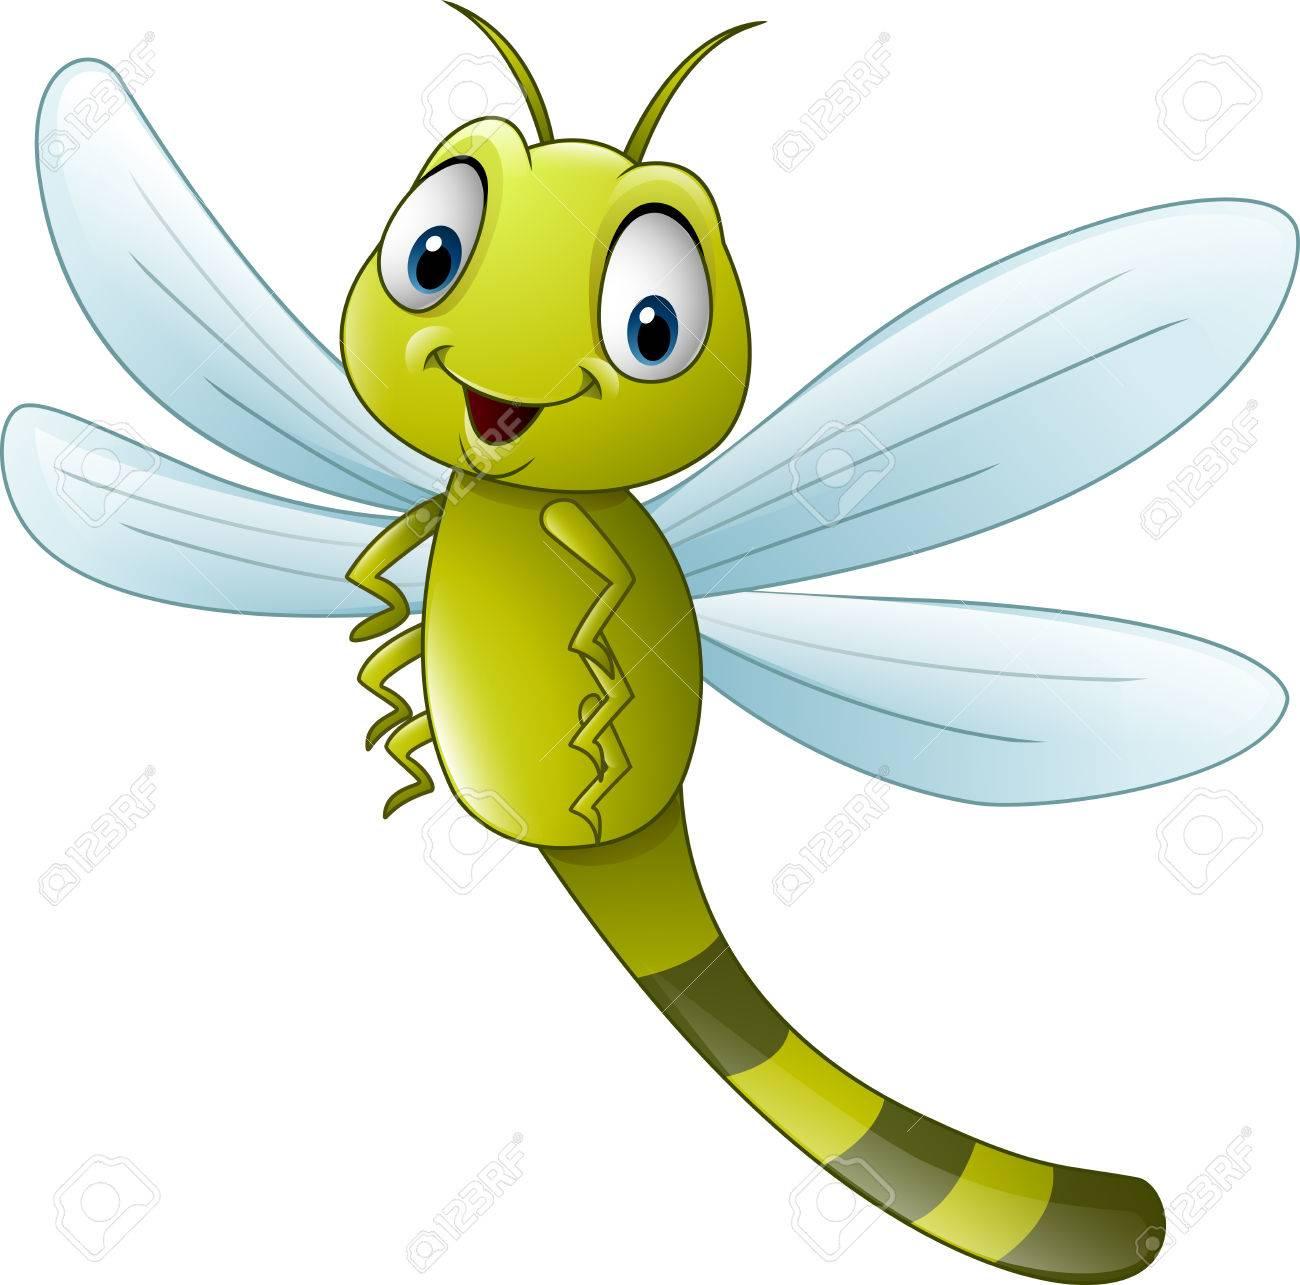 illustration of Cartoon dragonfly.